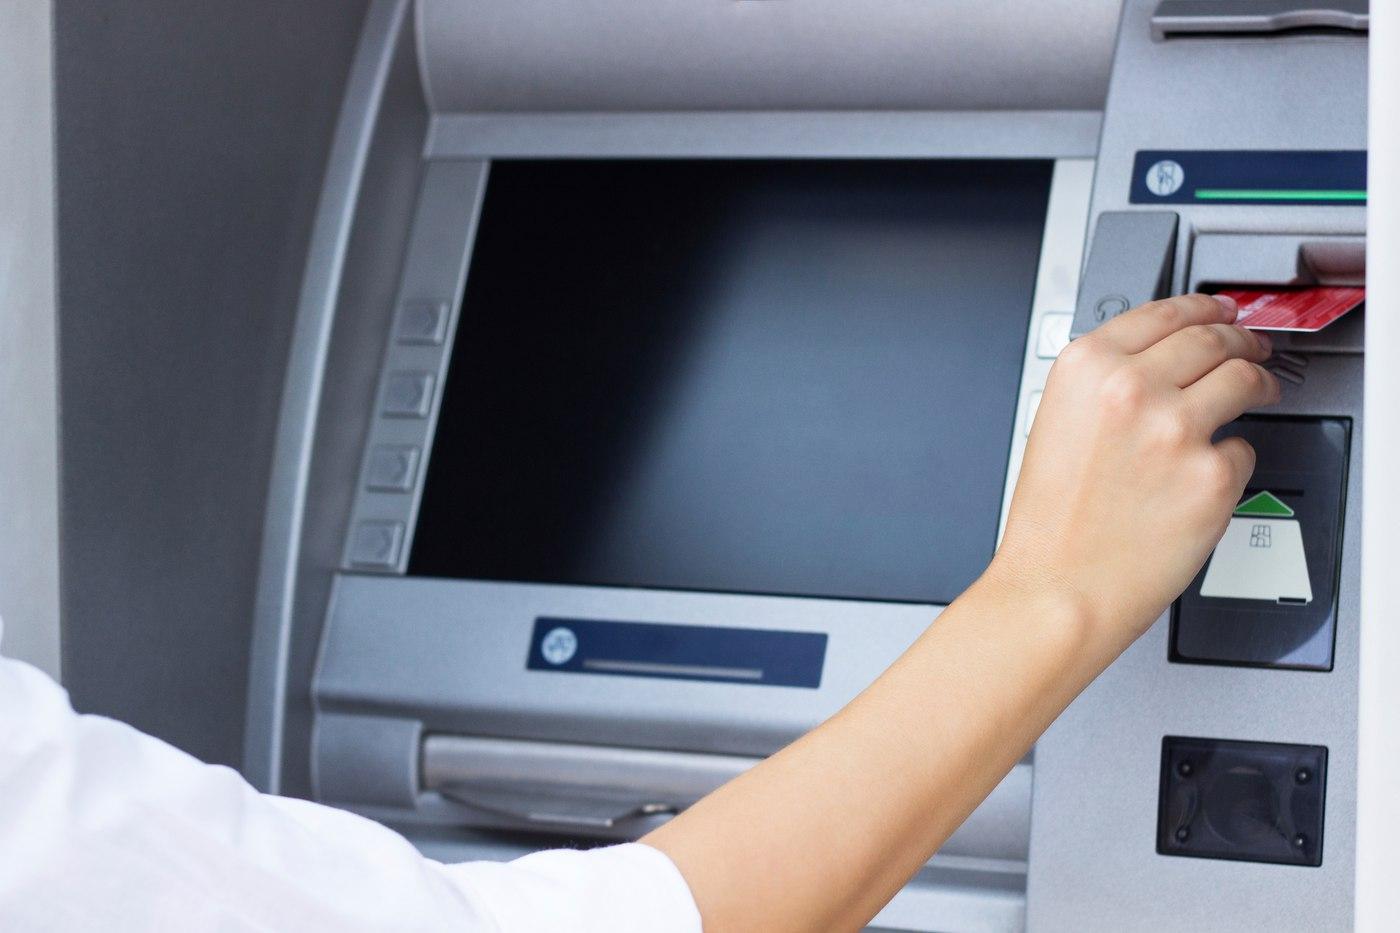 Deposit Automation vs. Video ATM Technology